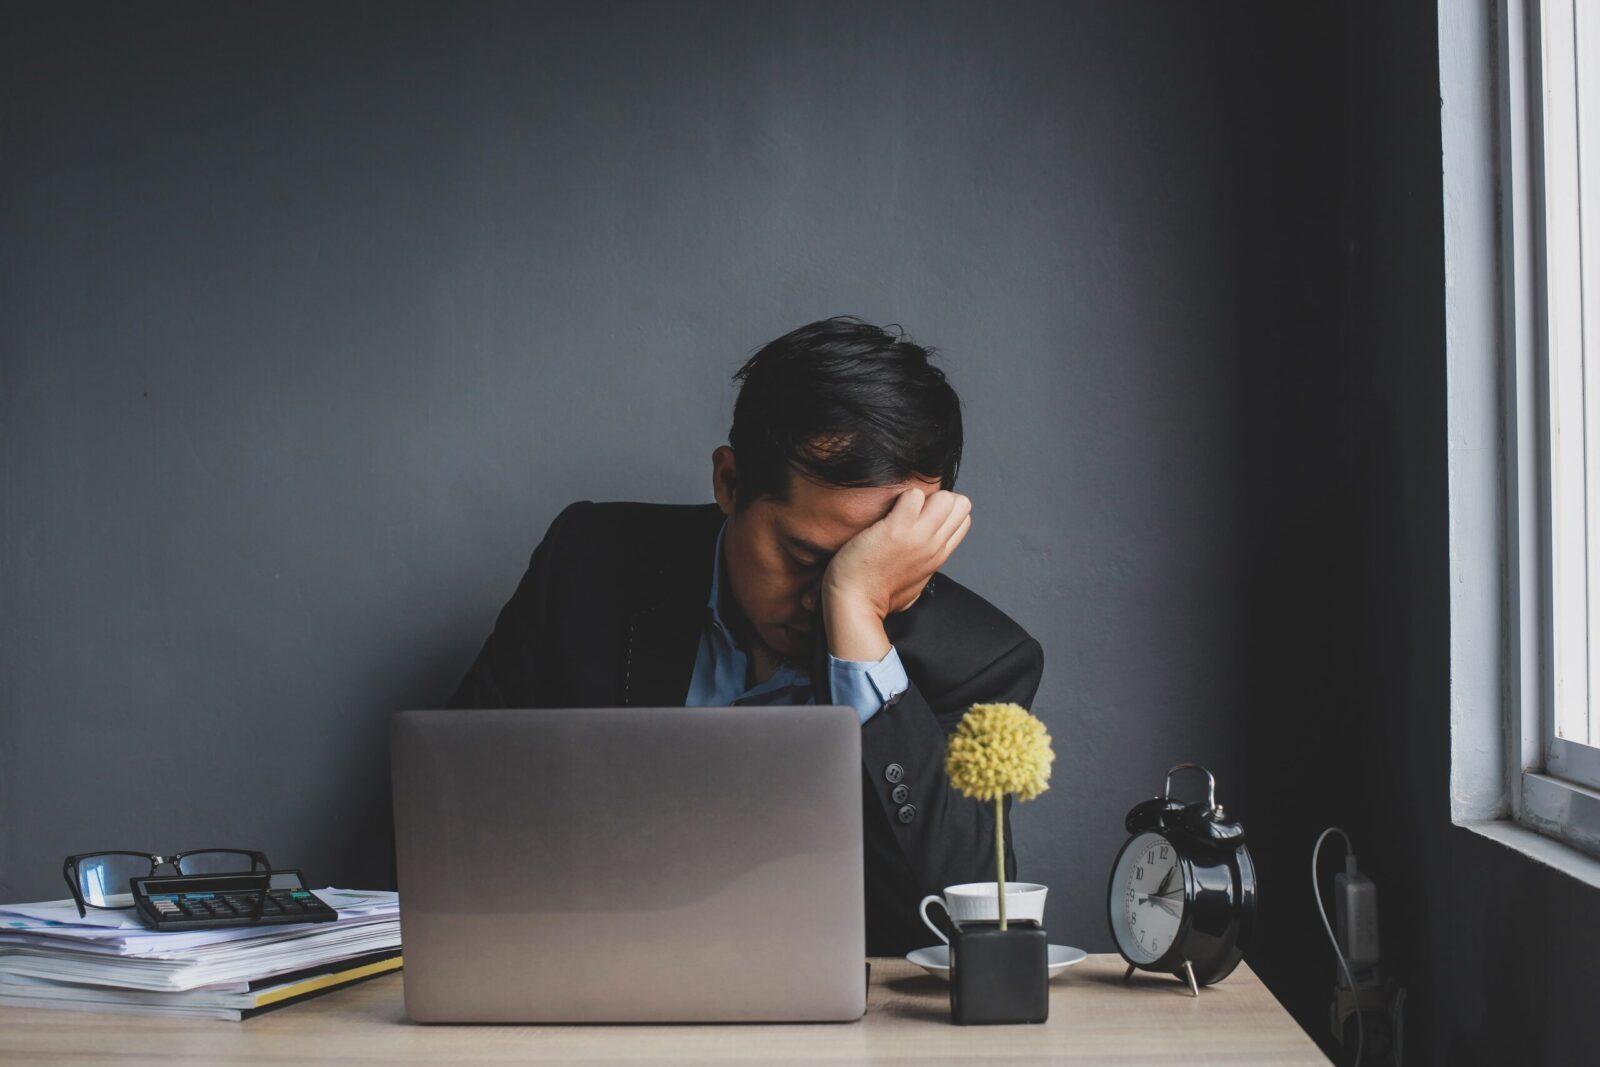 Співробітники не оформлені на роботі. Чим мені це загрожує?